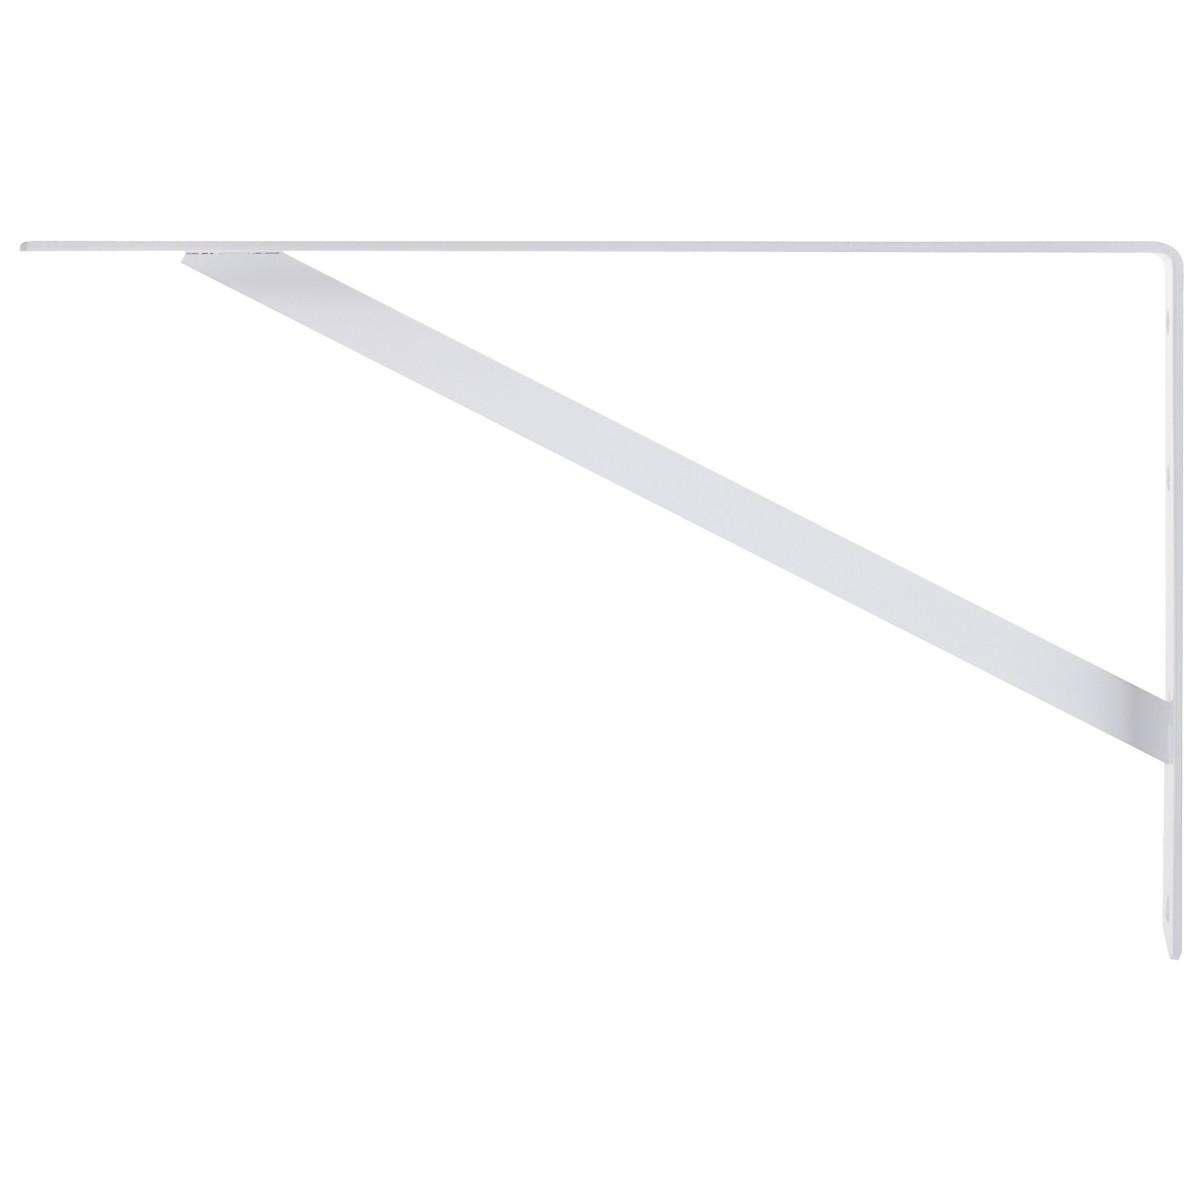 Кронейн Промышленный 40Х25 Цвет Белый